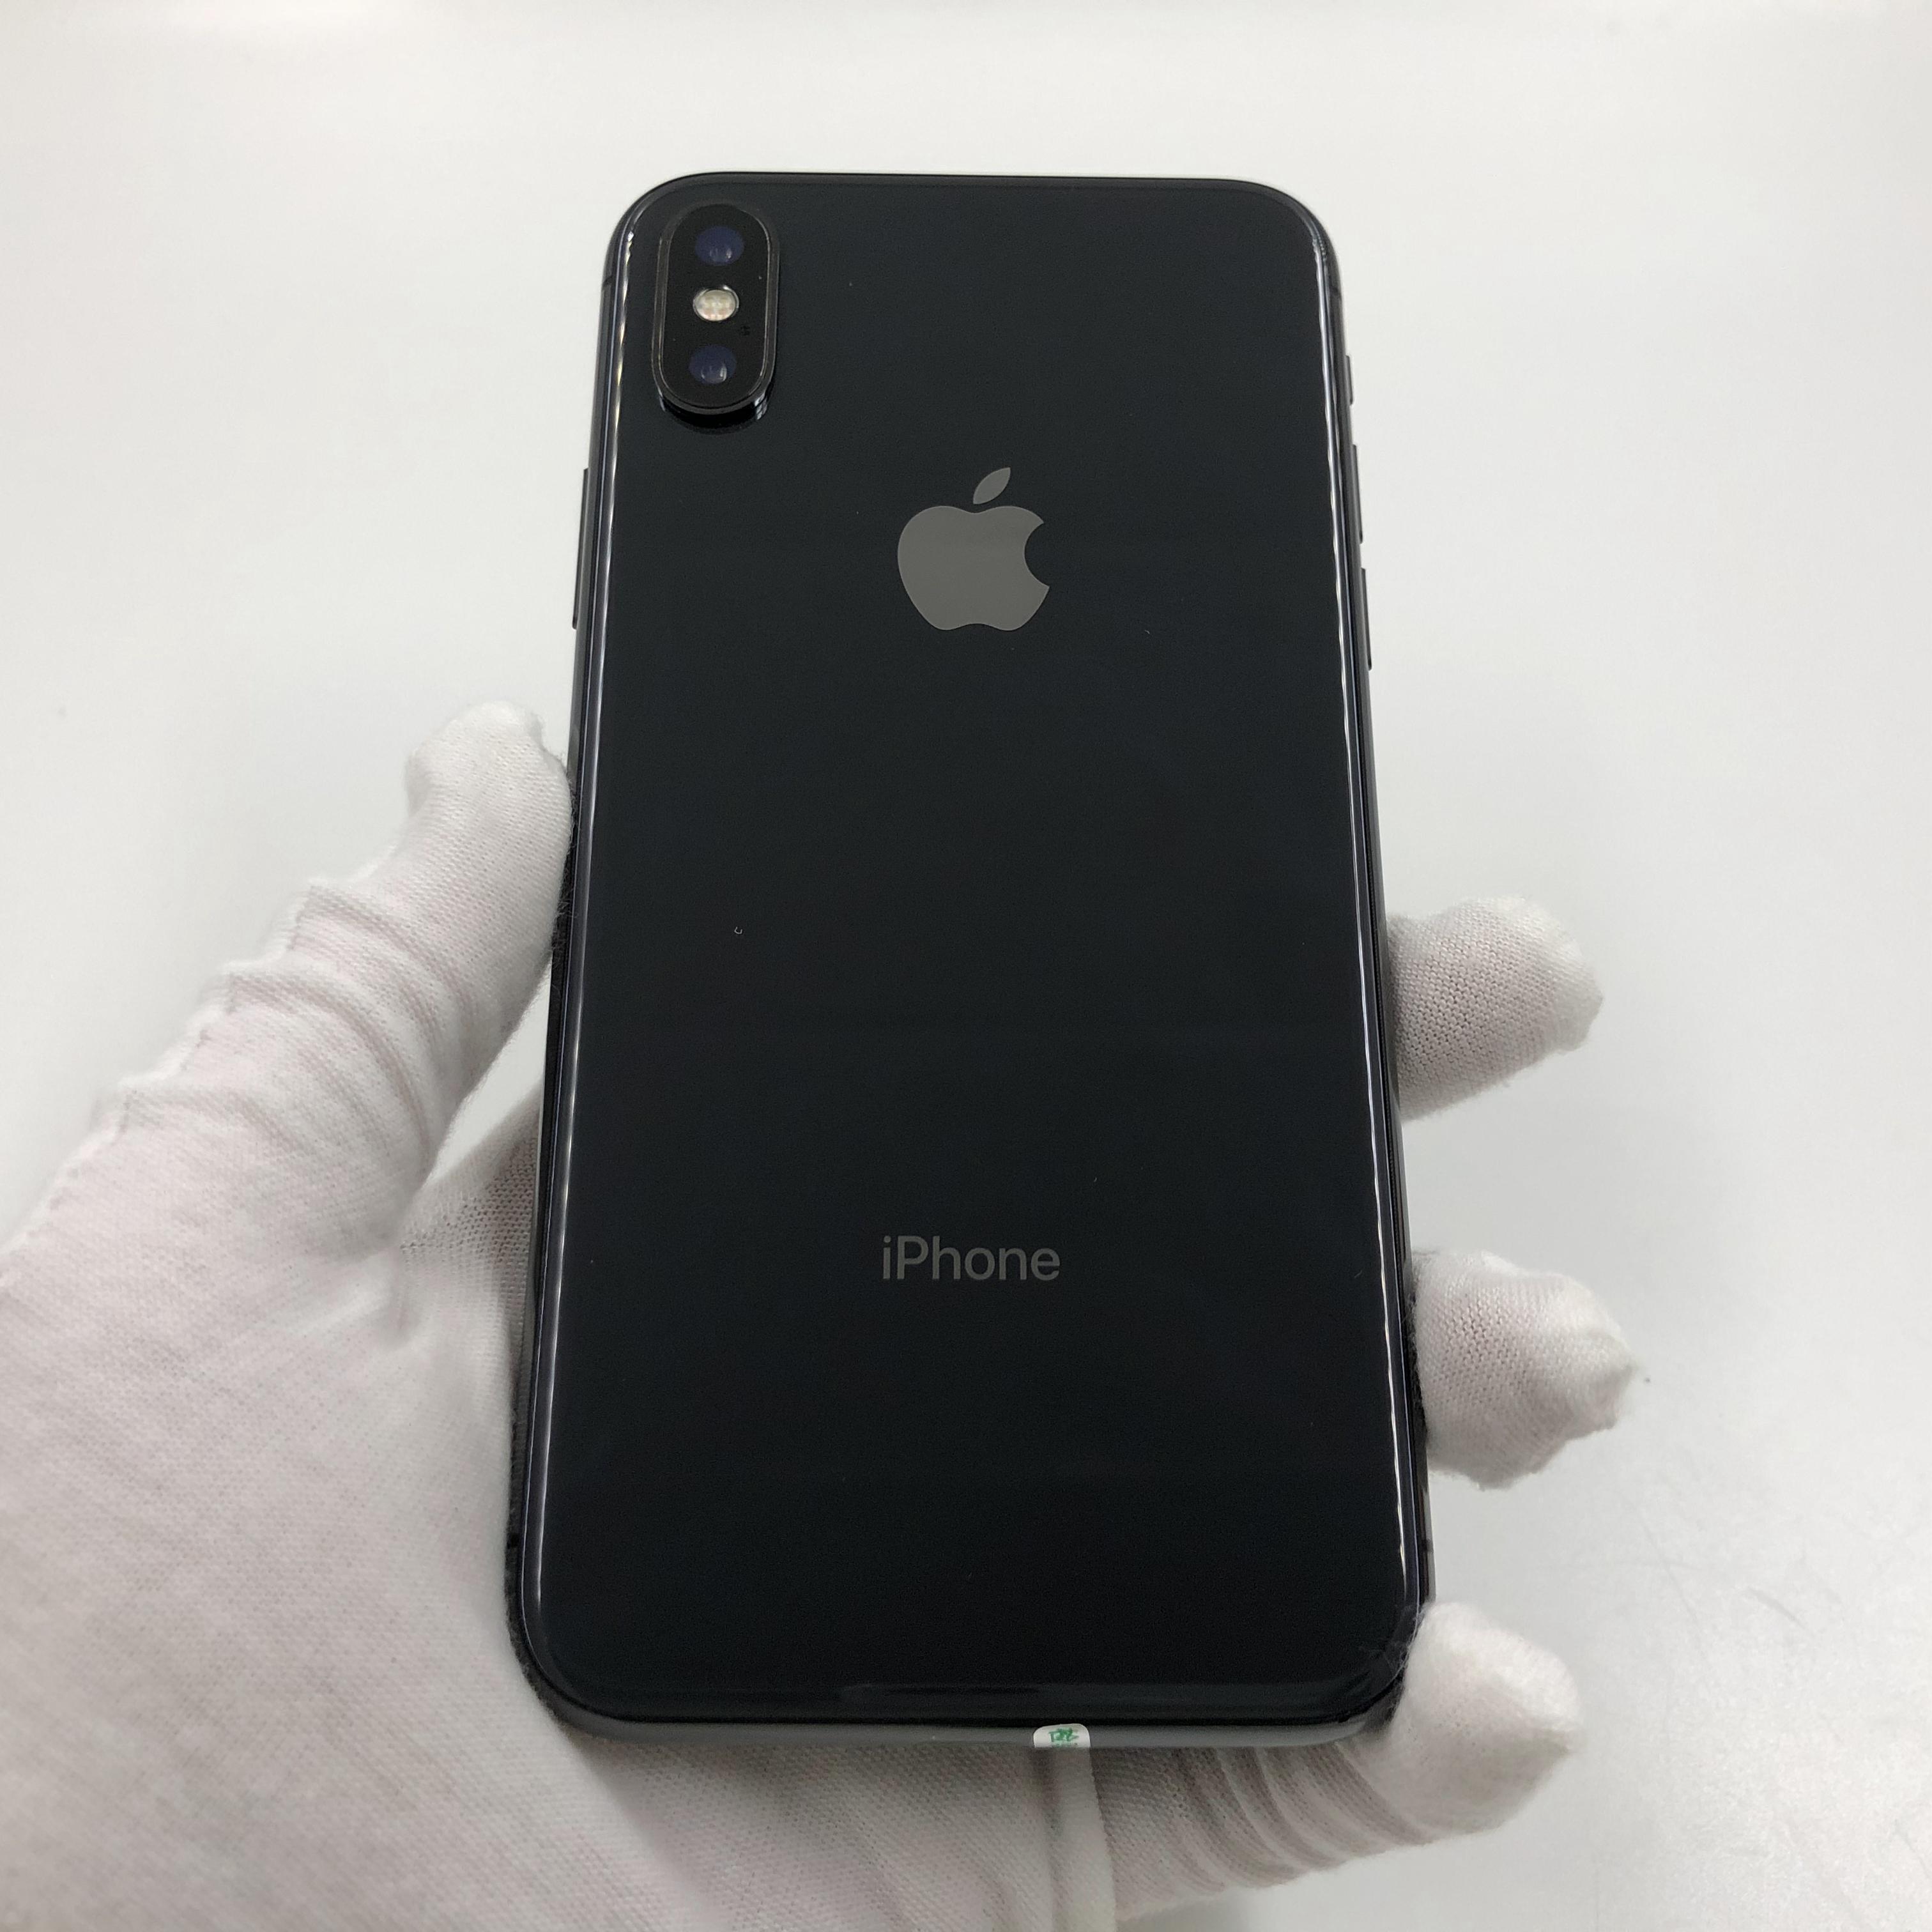 苹果【iPhone X】4G全网通 深空灰 64G 国行 9成新 真机实拍